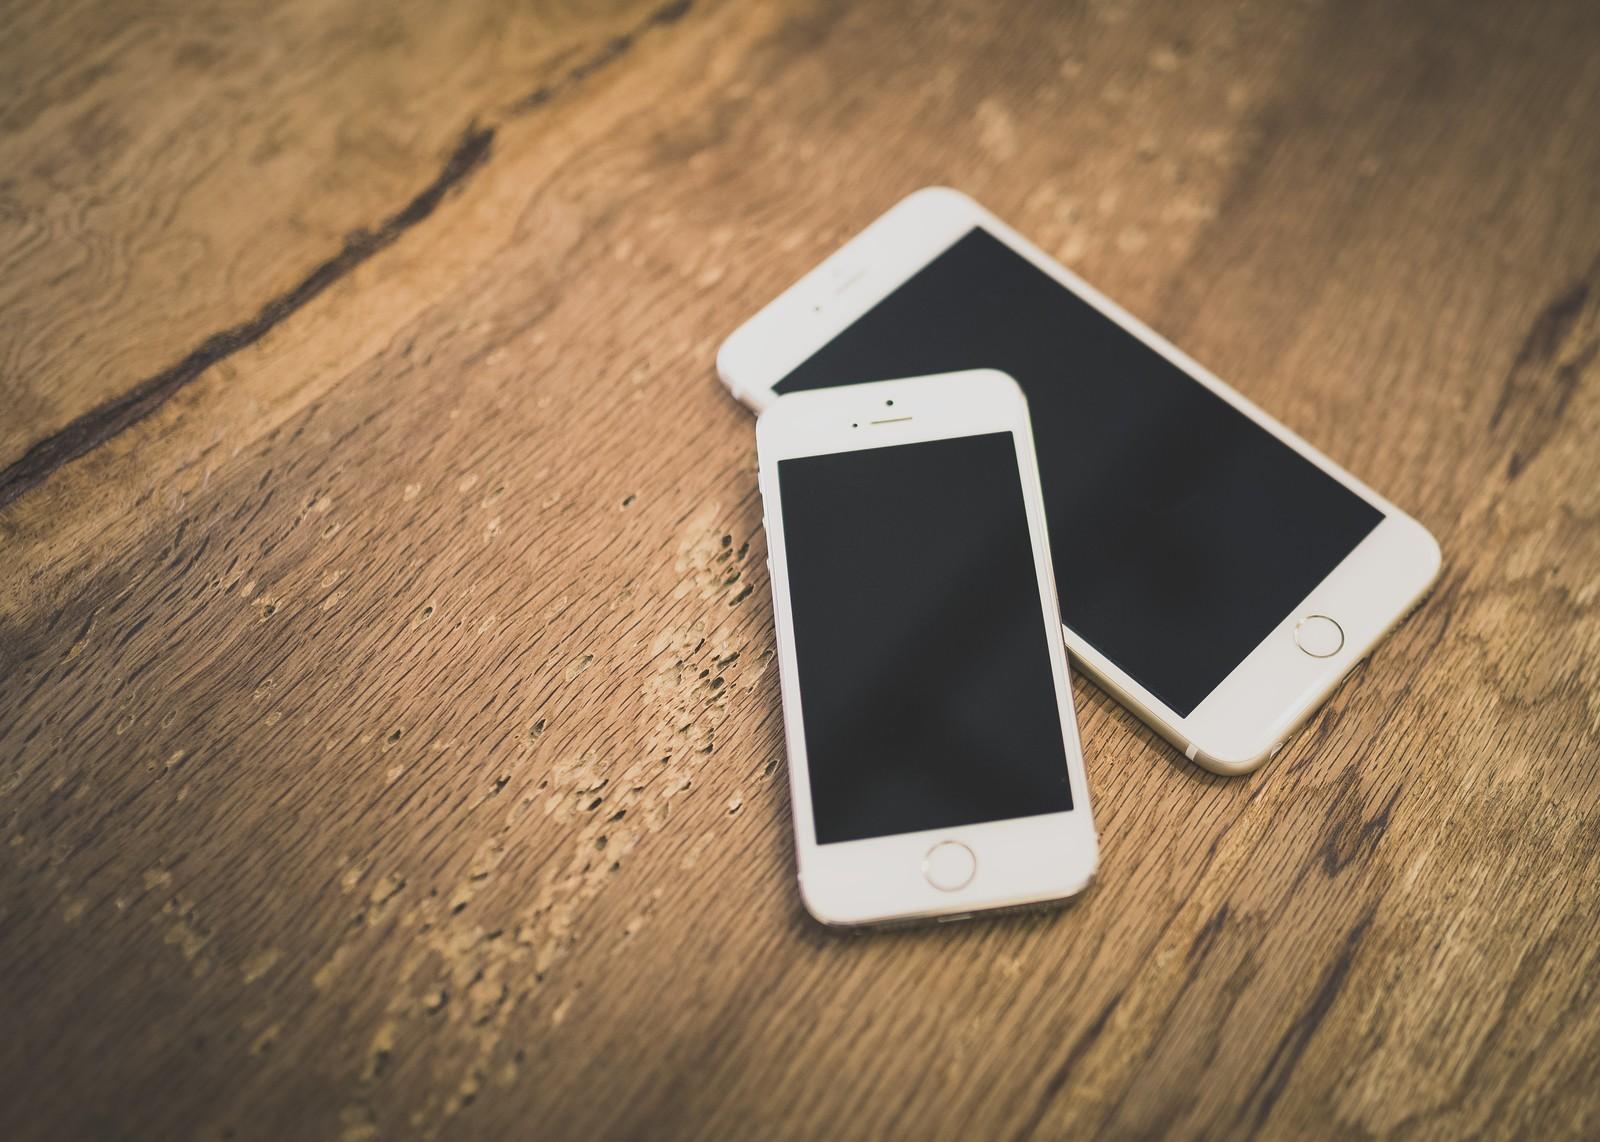 格安SIM(格安スマホ)で使えるiPhone 7とiPhone 7 Plus